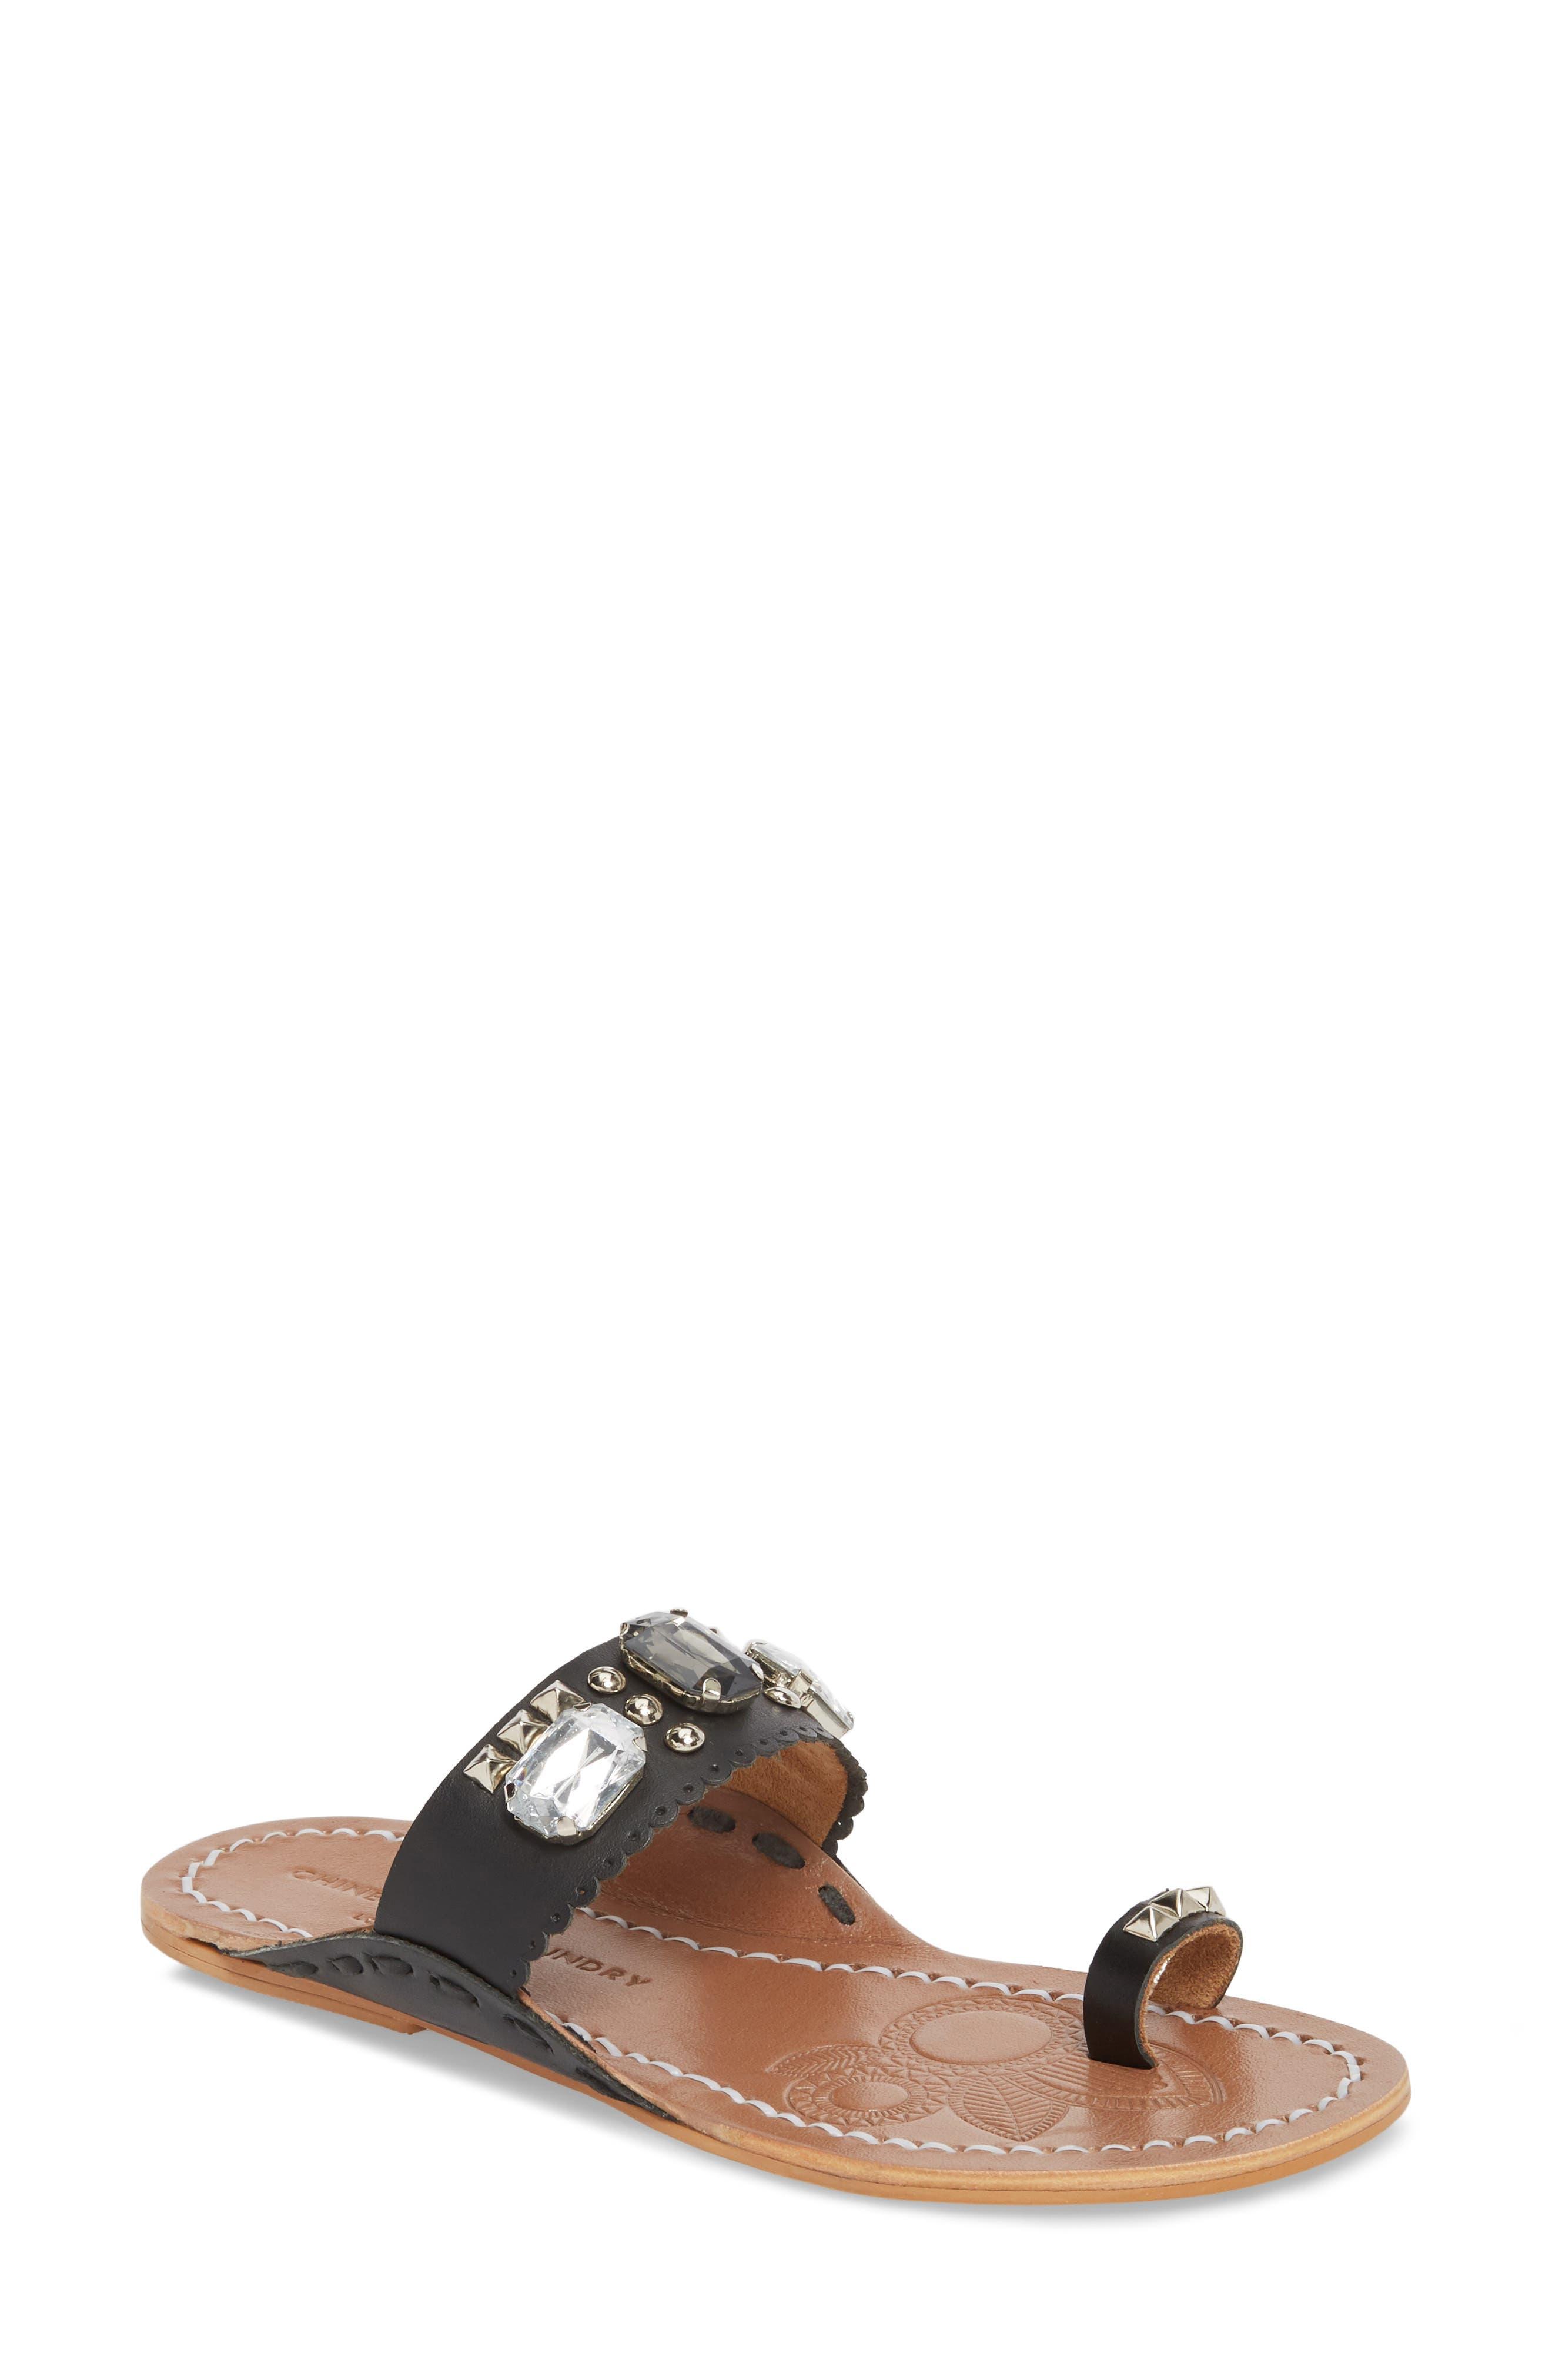 Jada Embellished Slide Sandal,                             Main thumbnail 1, color,                             001